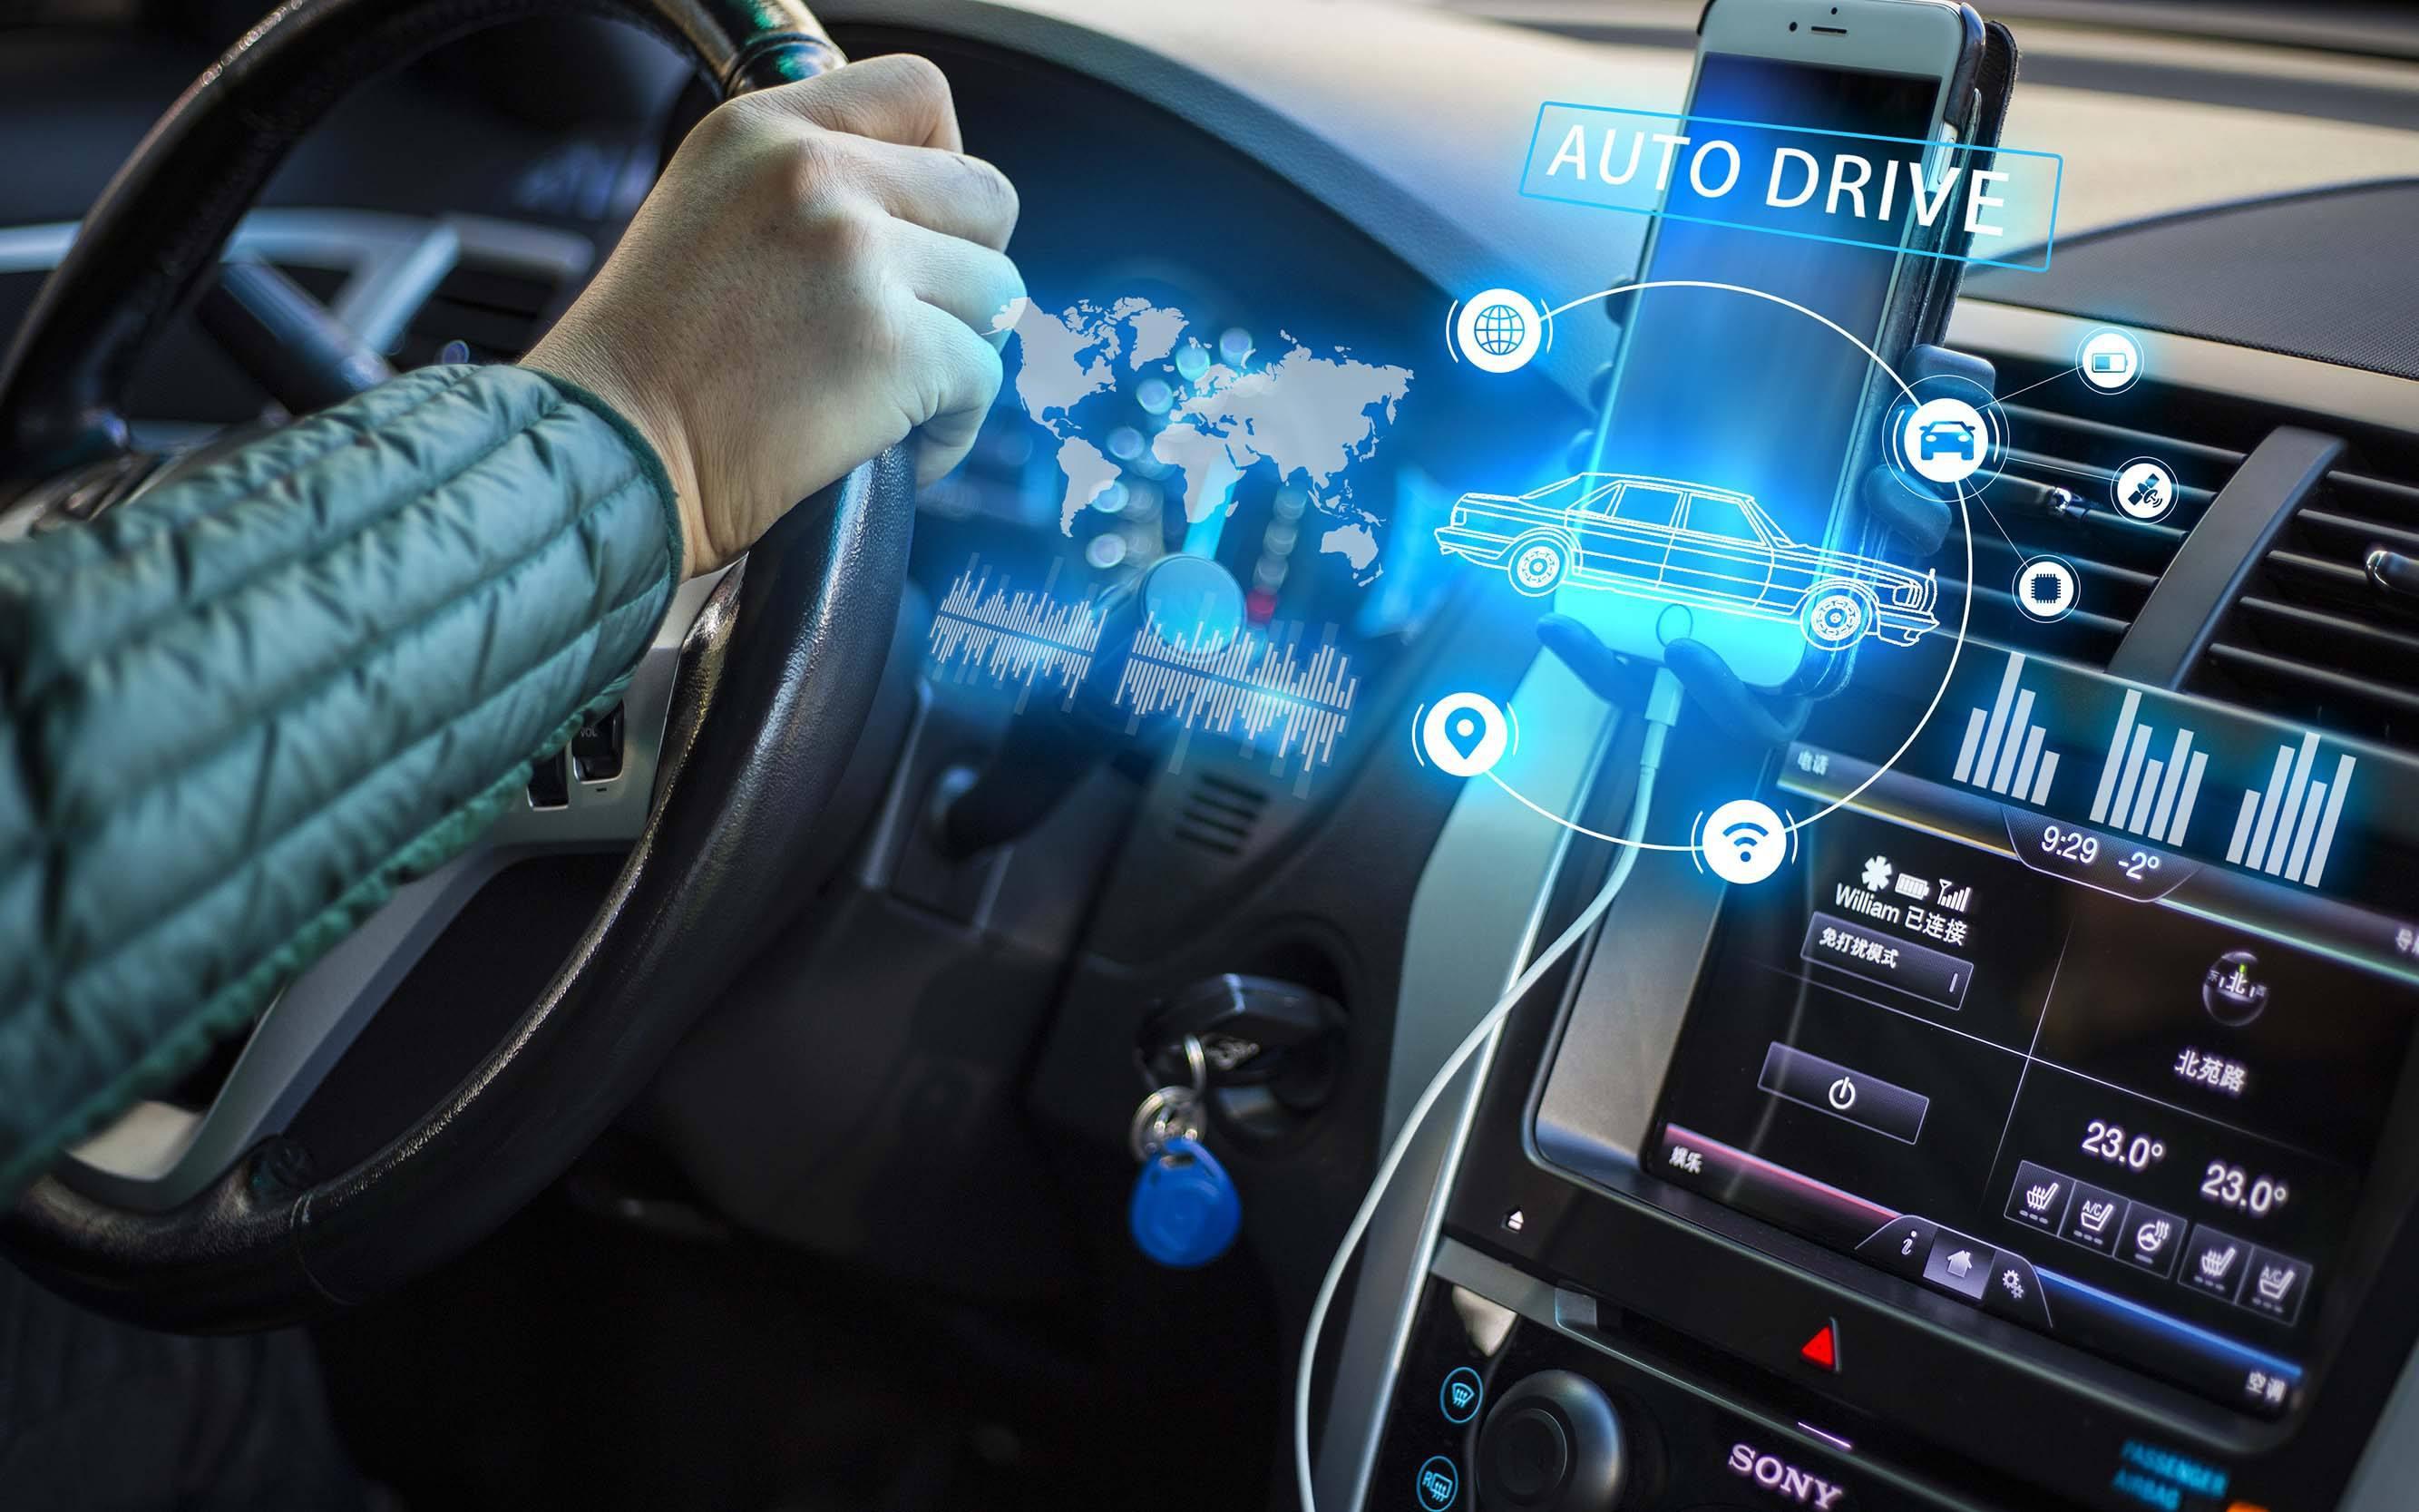 车企与互联网巨头纷纷牵手 产业融合为发展趋势